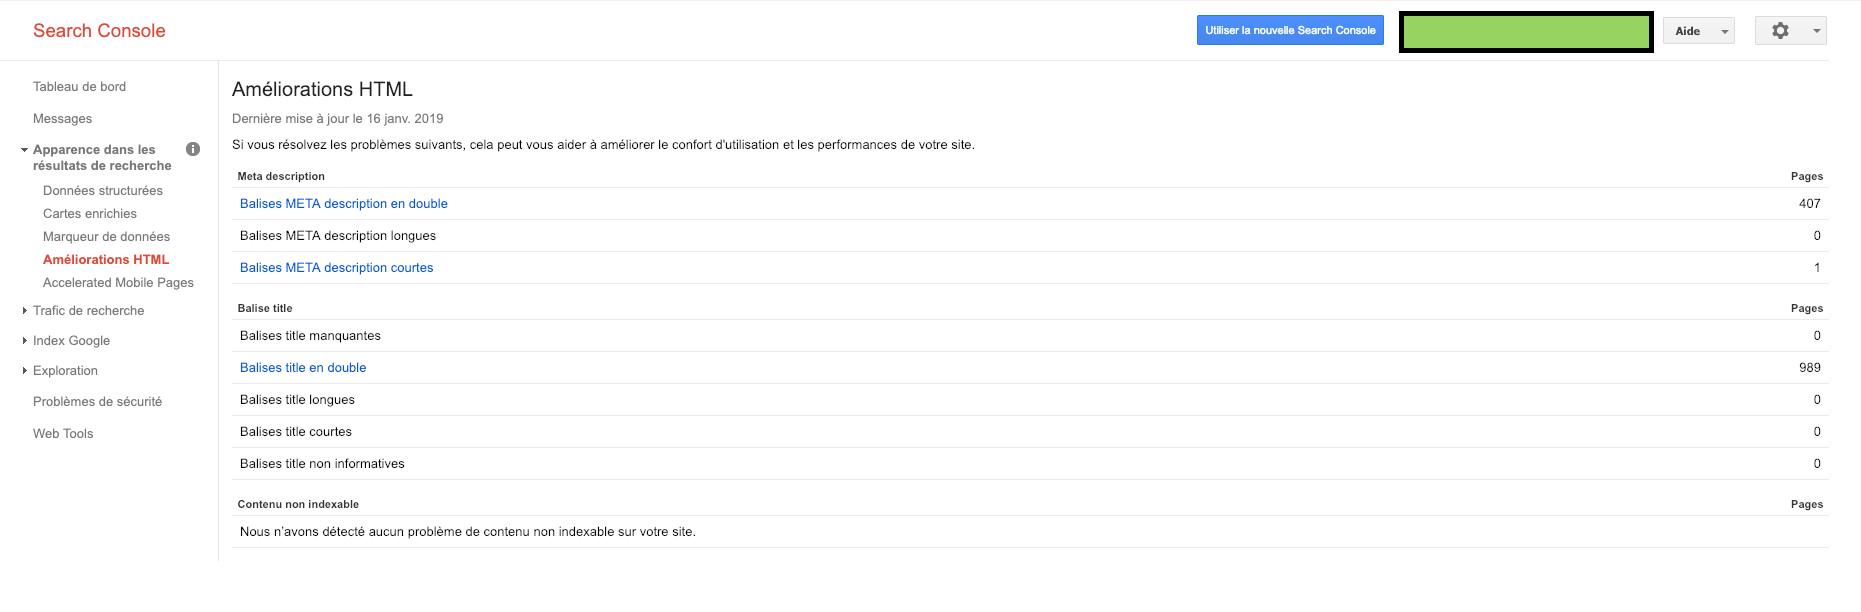 Balises titres et descriptions en double dans la search console de Google